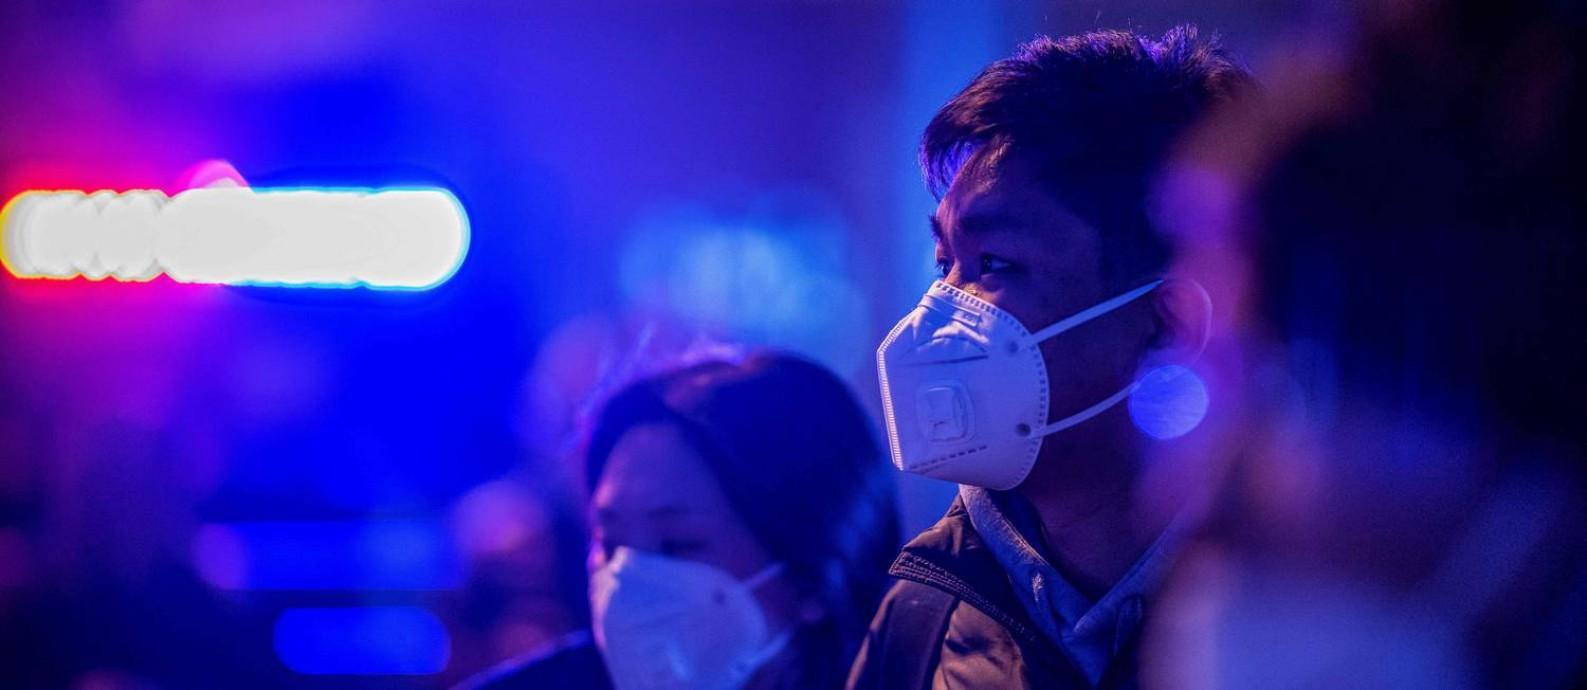 Pedestres usam máscaras de proteção do lado de fora da estação de trem de Pequim nesta quarta-feira (22) Foto: NICOLAS ASFOURI / AFP